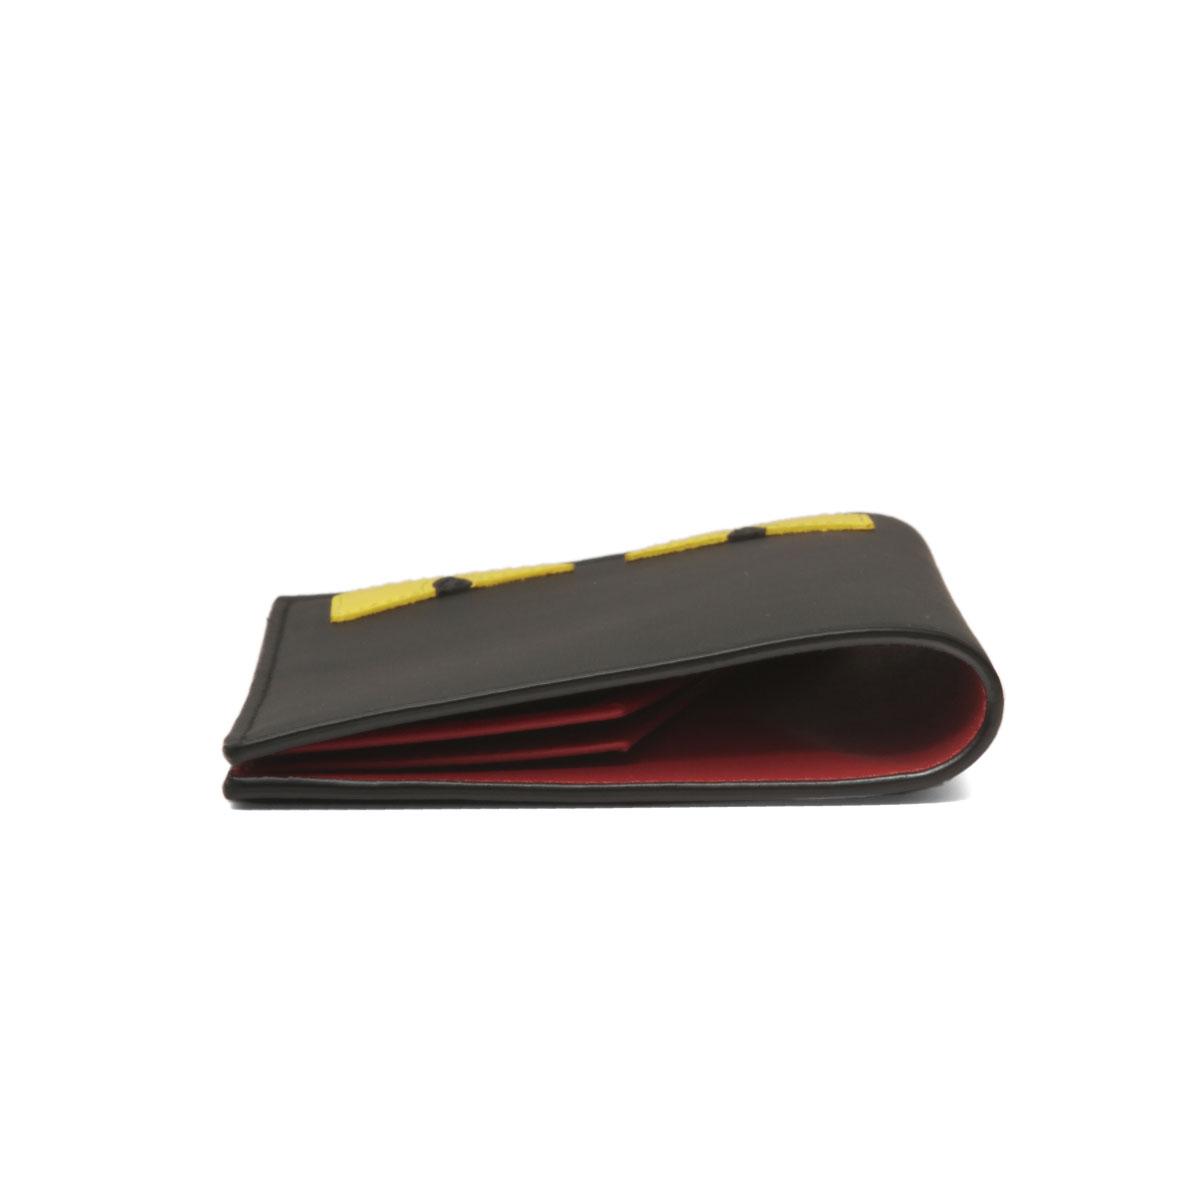 FENDI フェンディ | パスポートケース | BAG BUGS バッグ バグズ